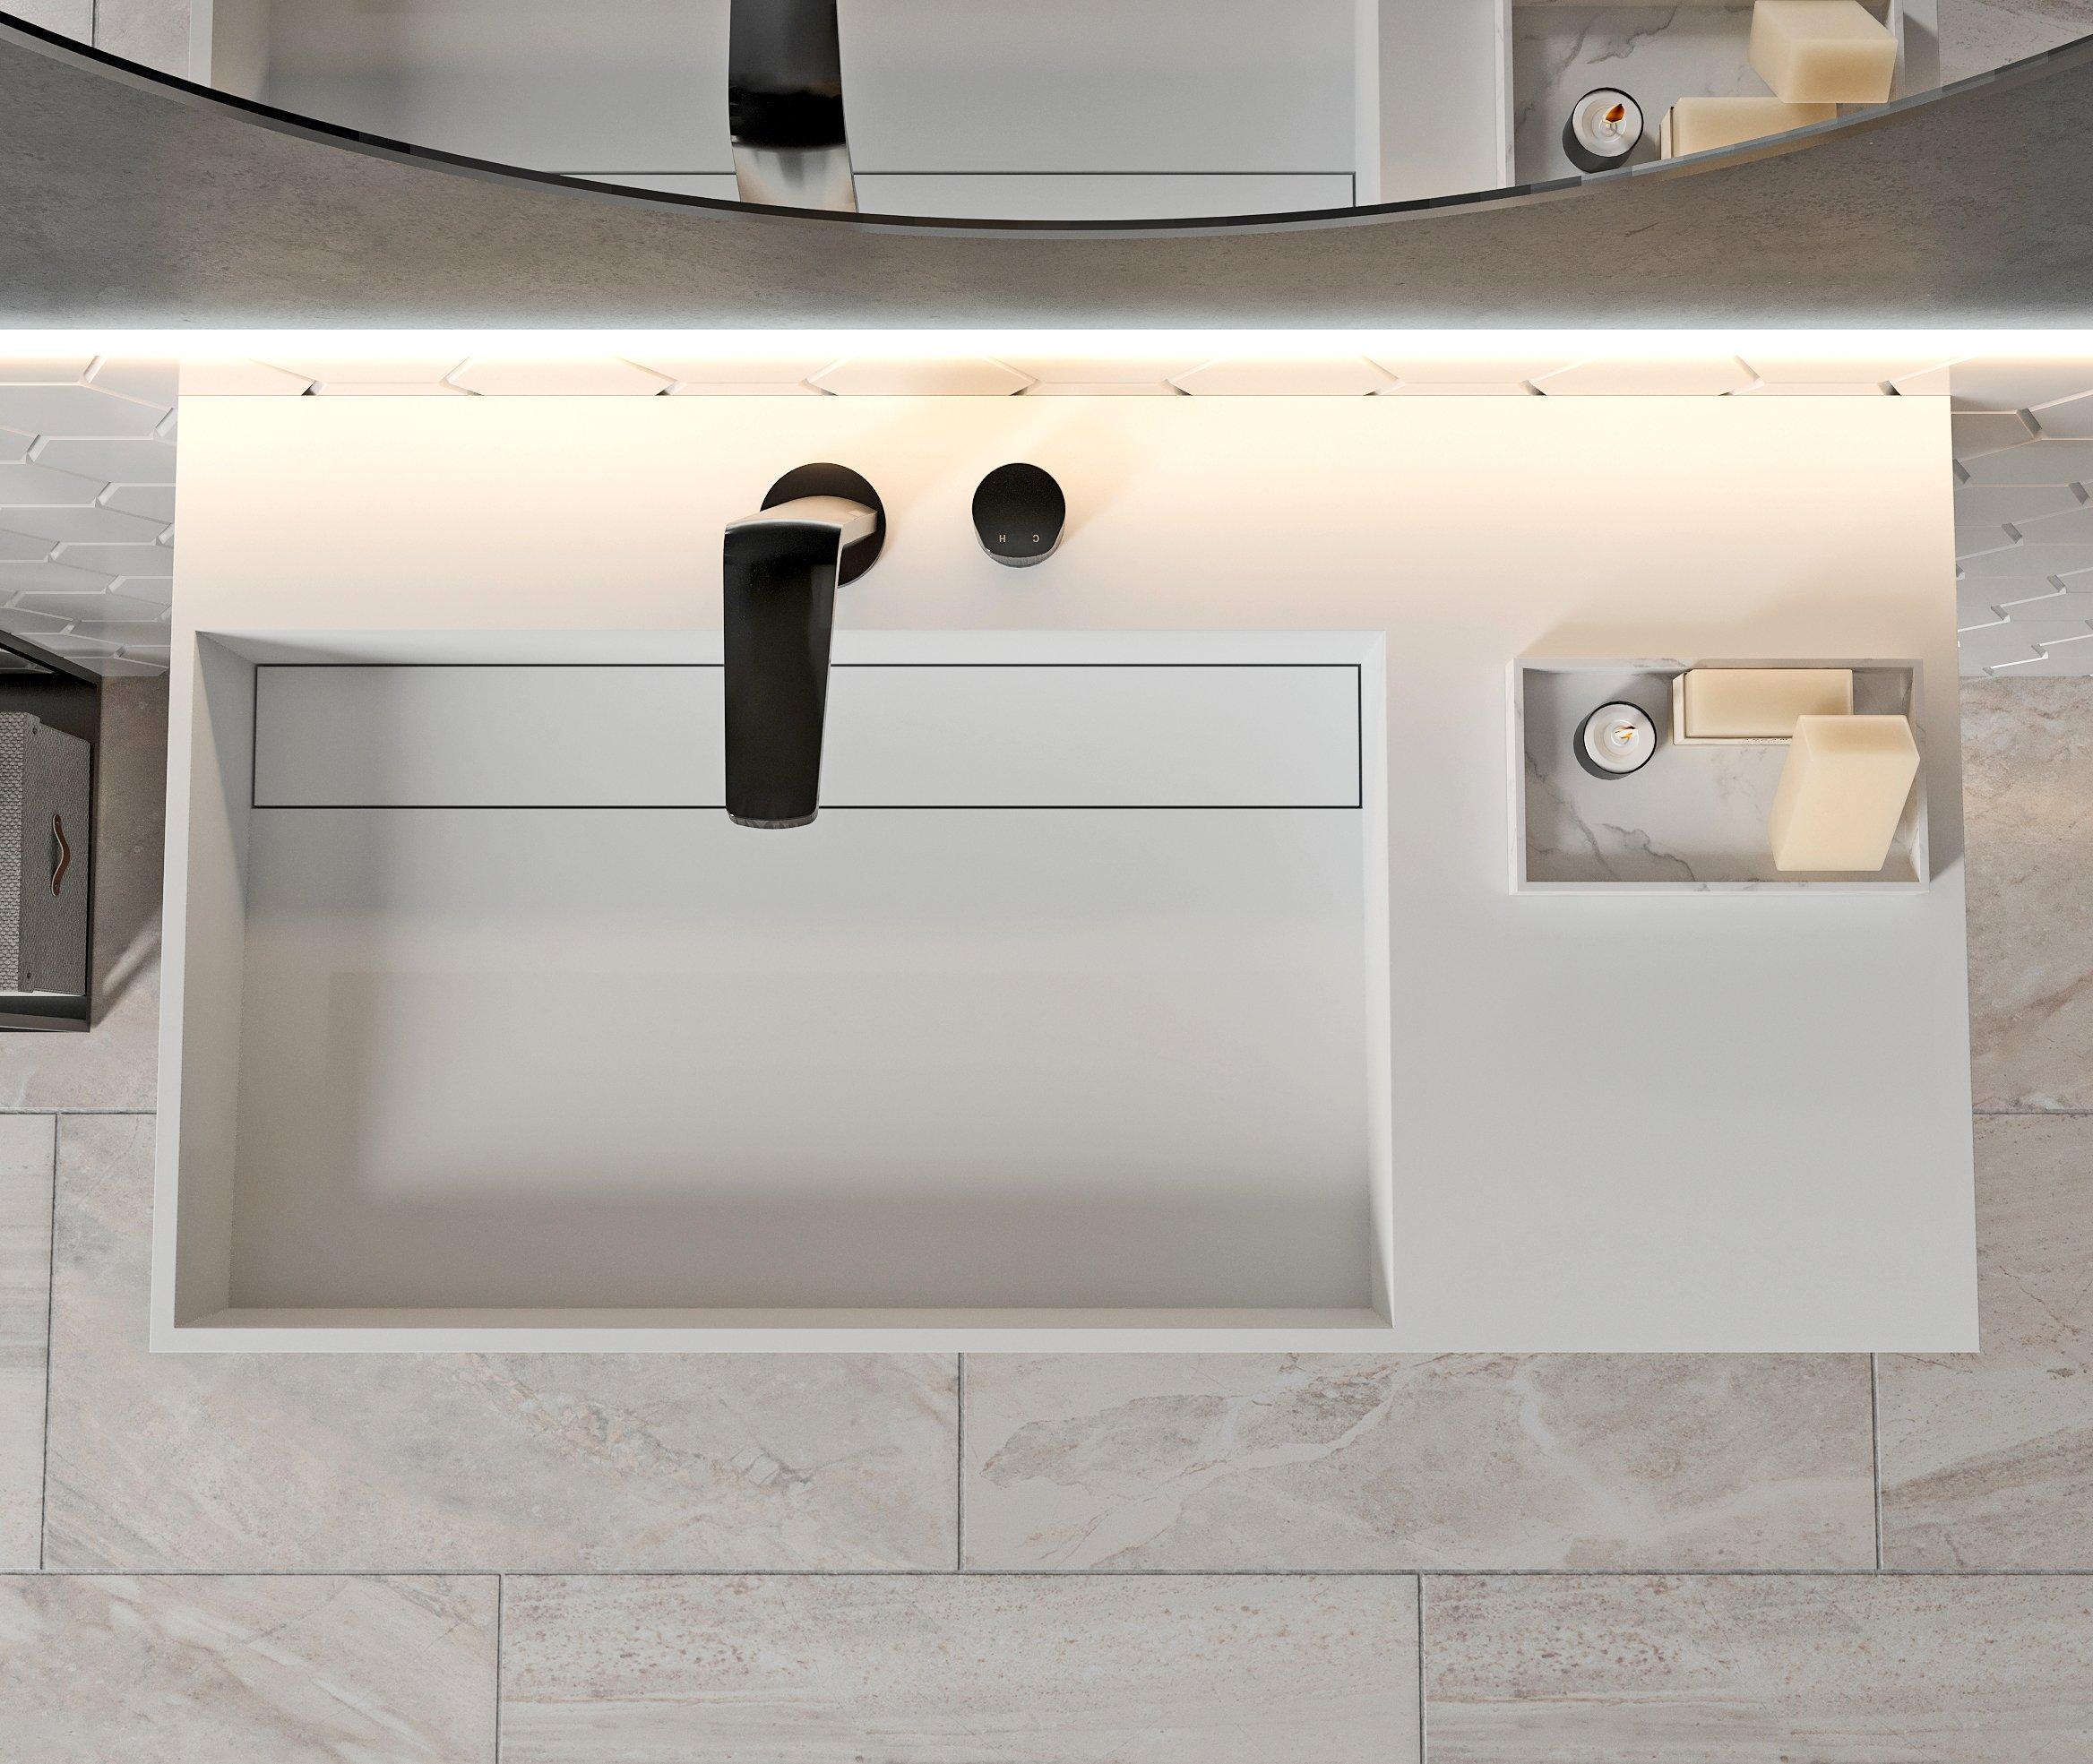 Wandwaschbecken aus Mineralguss PB2015 weiß - Solid Stone - 90 x 48 x 13 cm